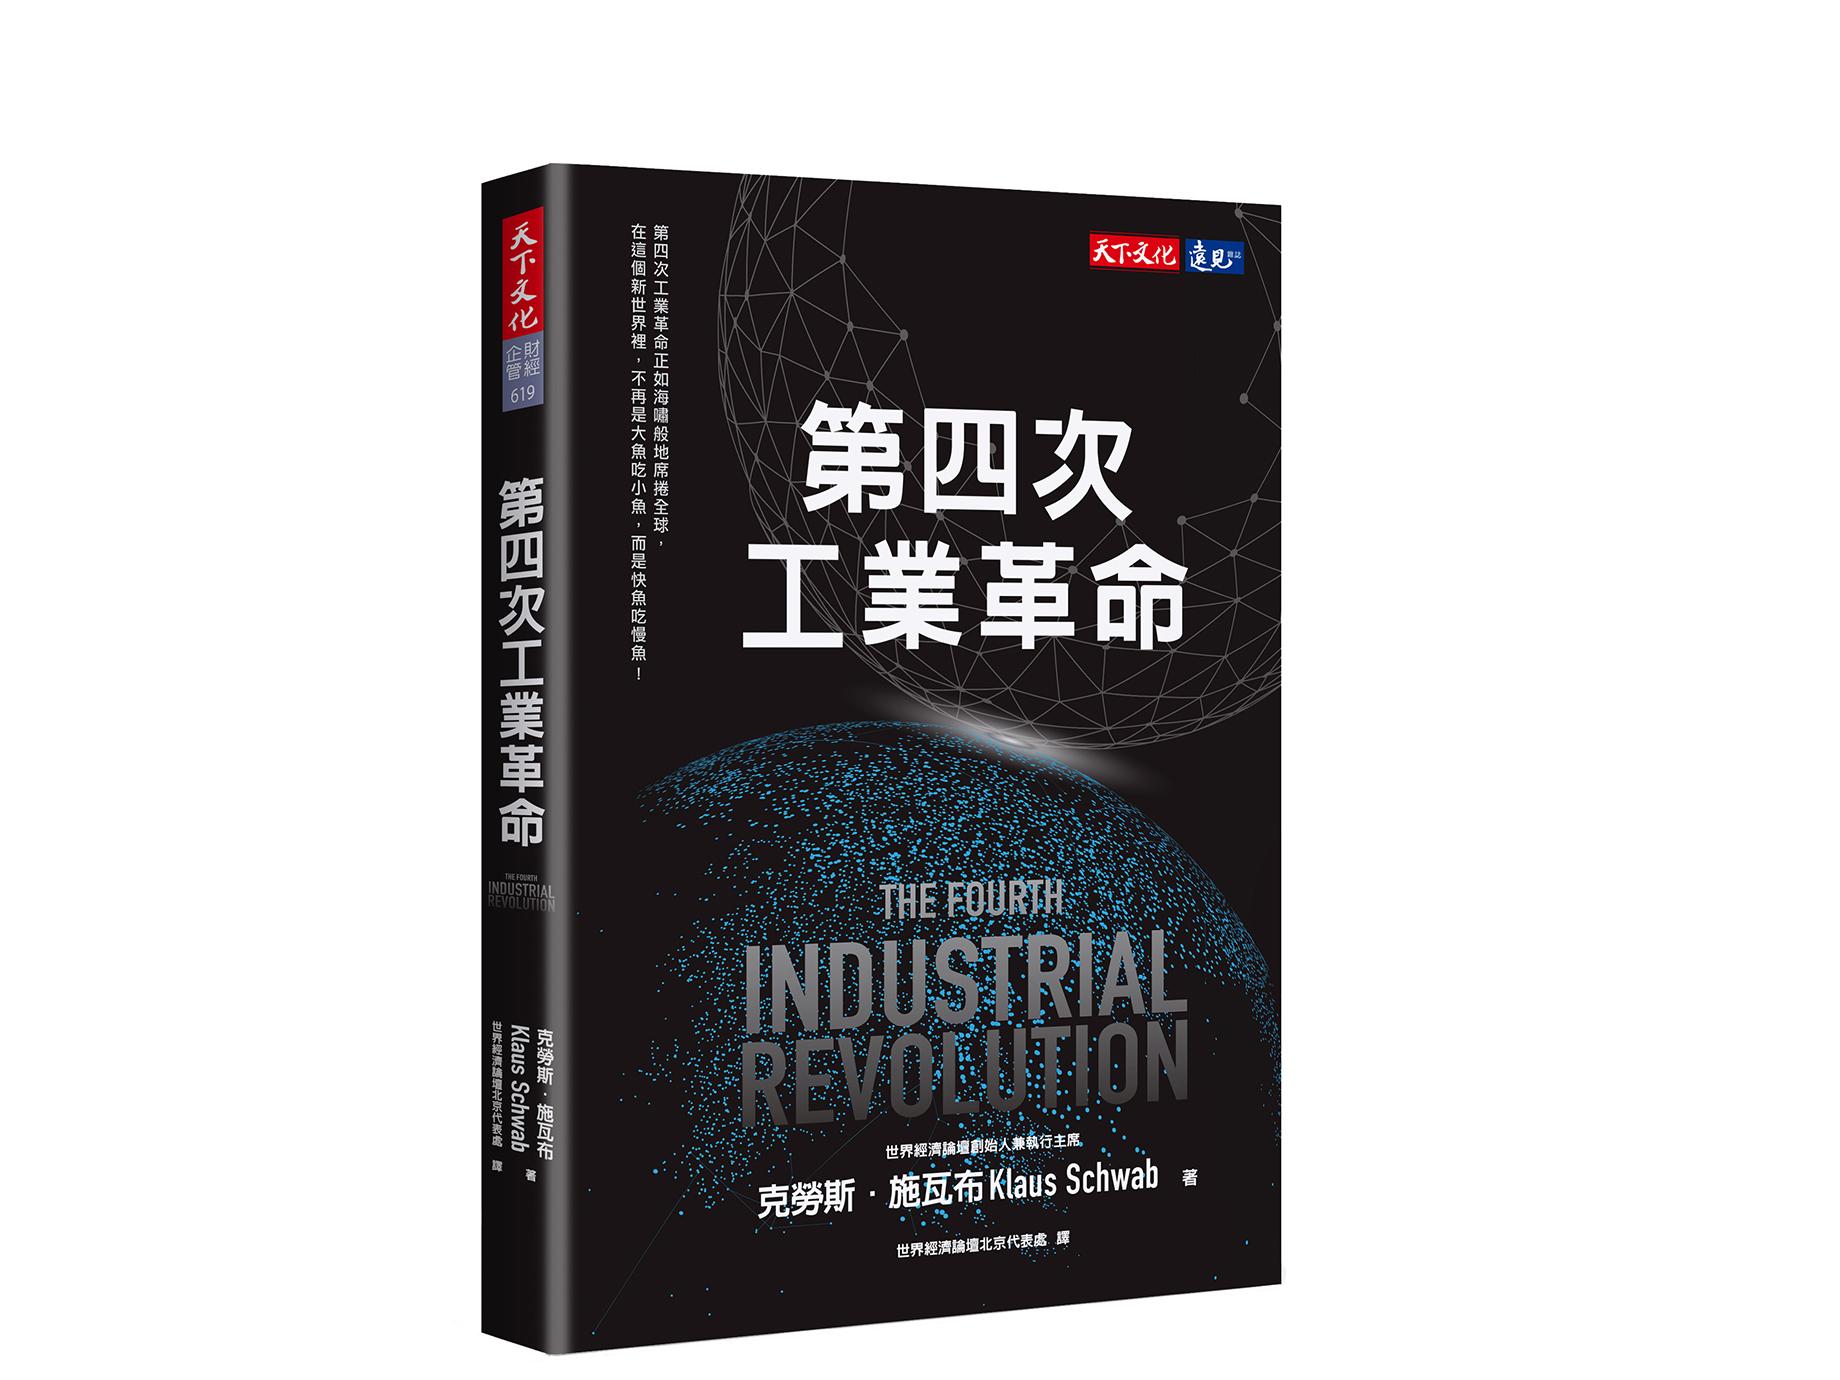 新書搶先看》迎戰第四次工業革命的4種智慧